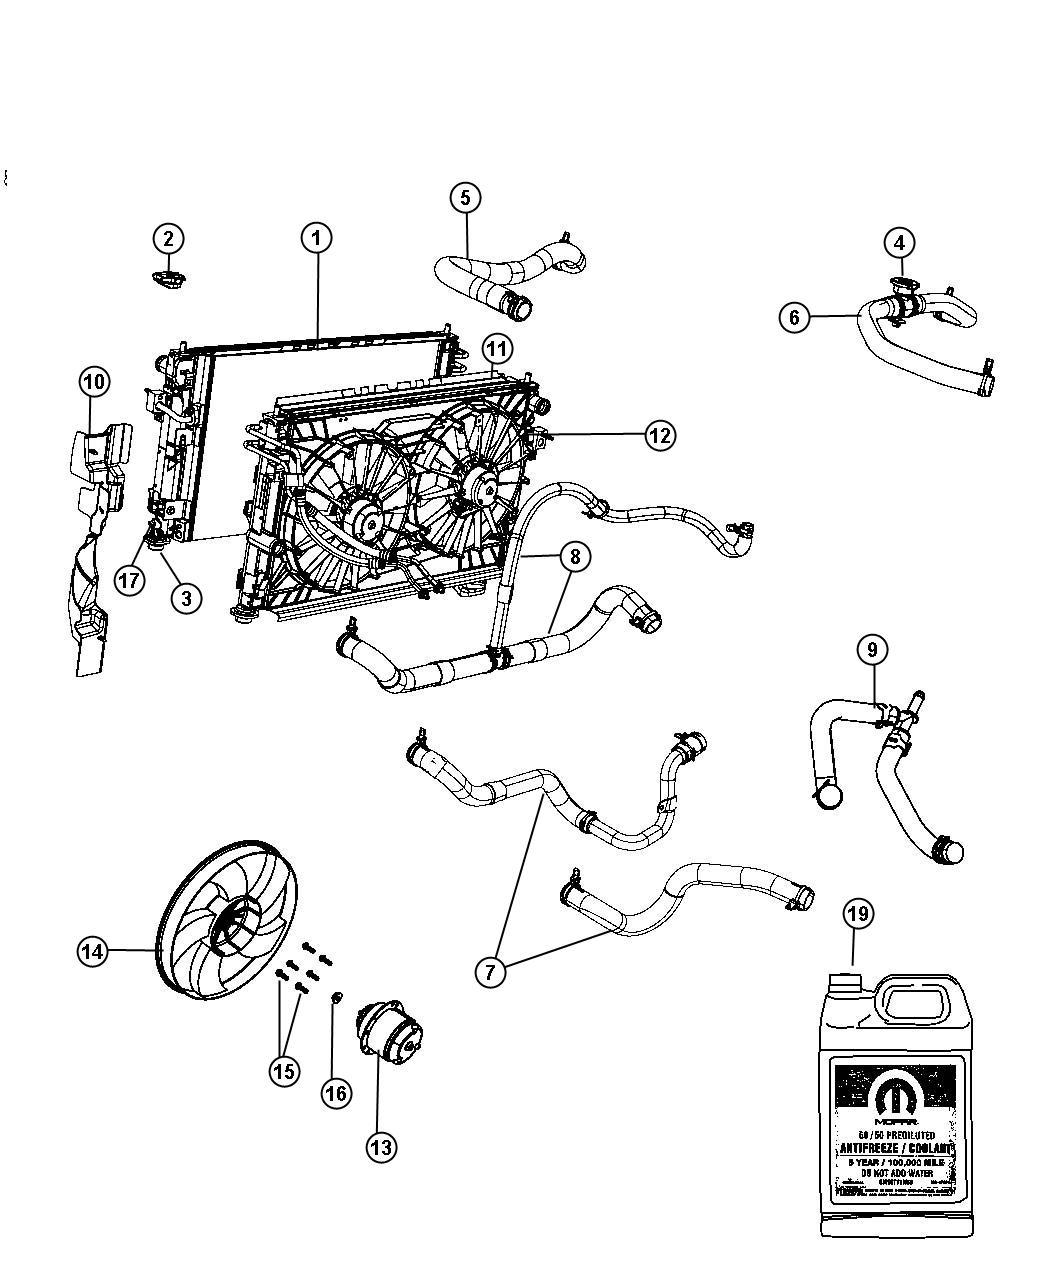 2009 Chrysler Sebring Hose. Radiator inlet. Maintenance